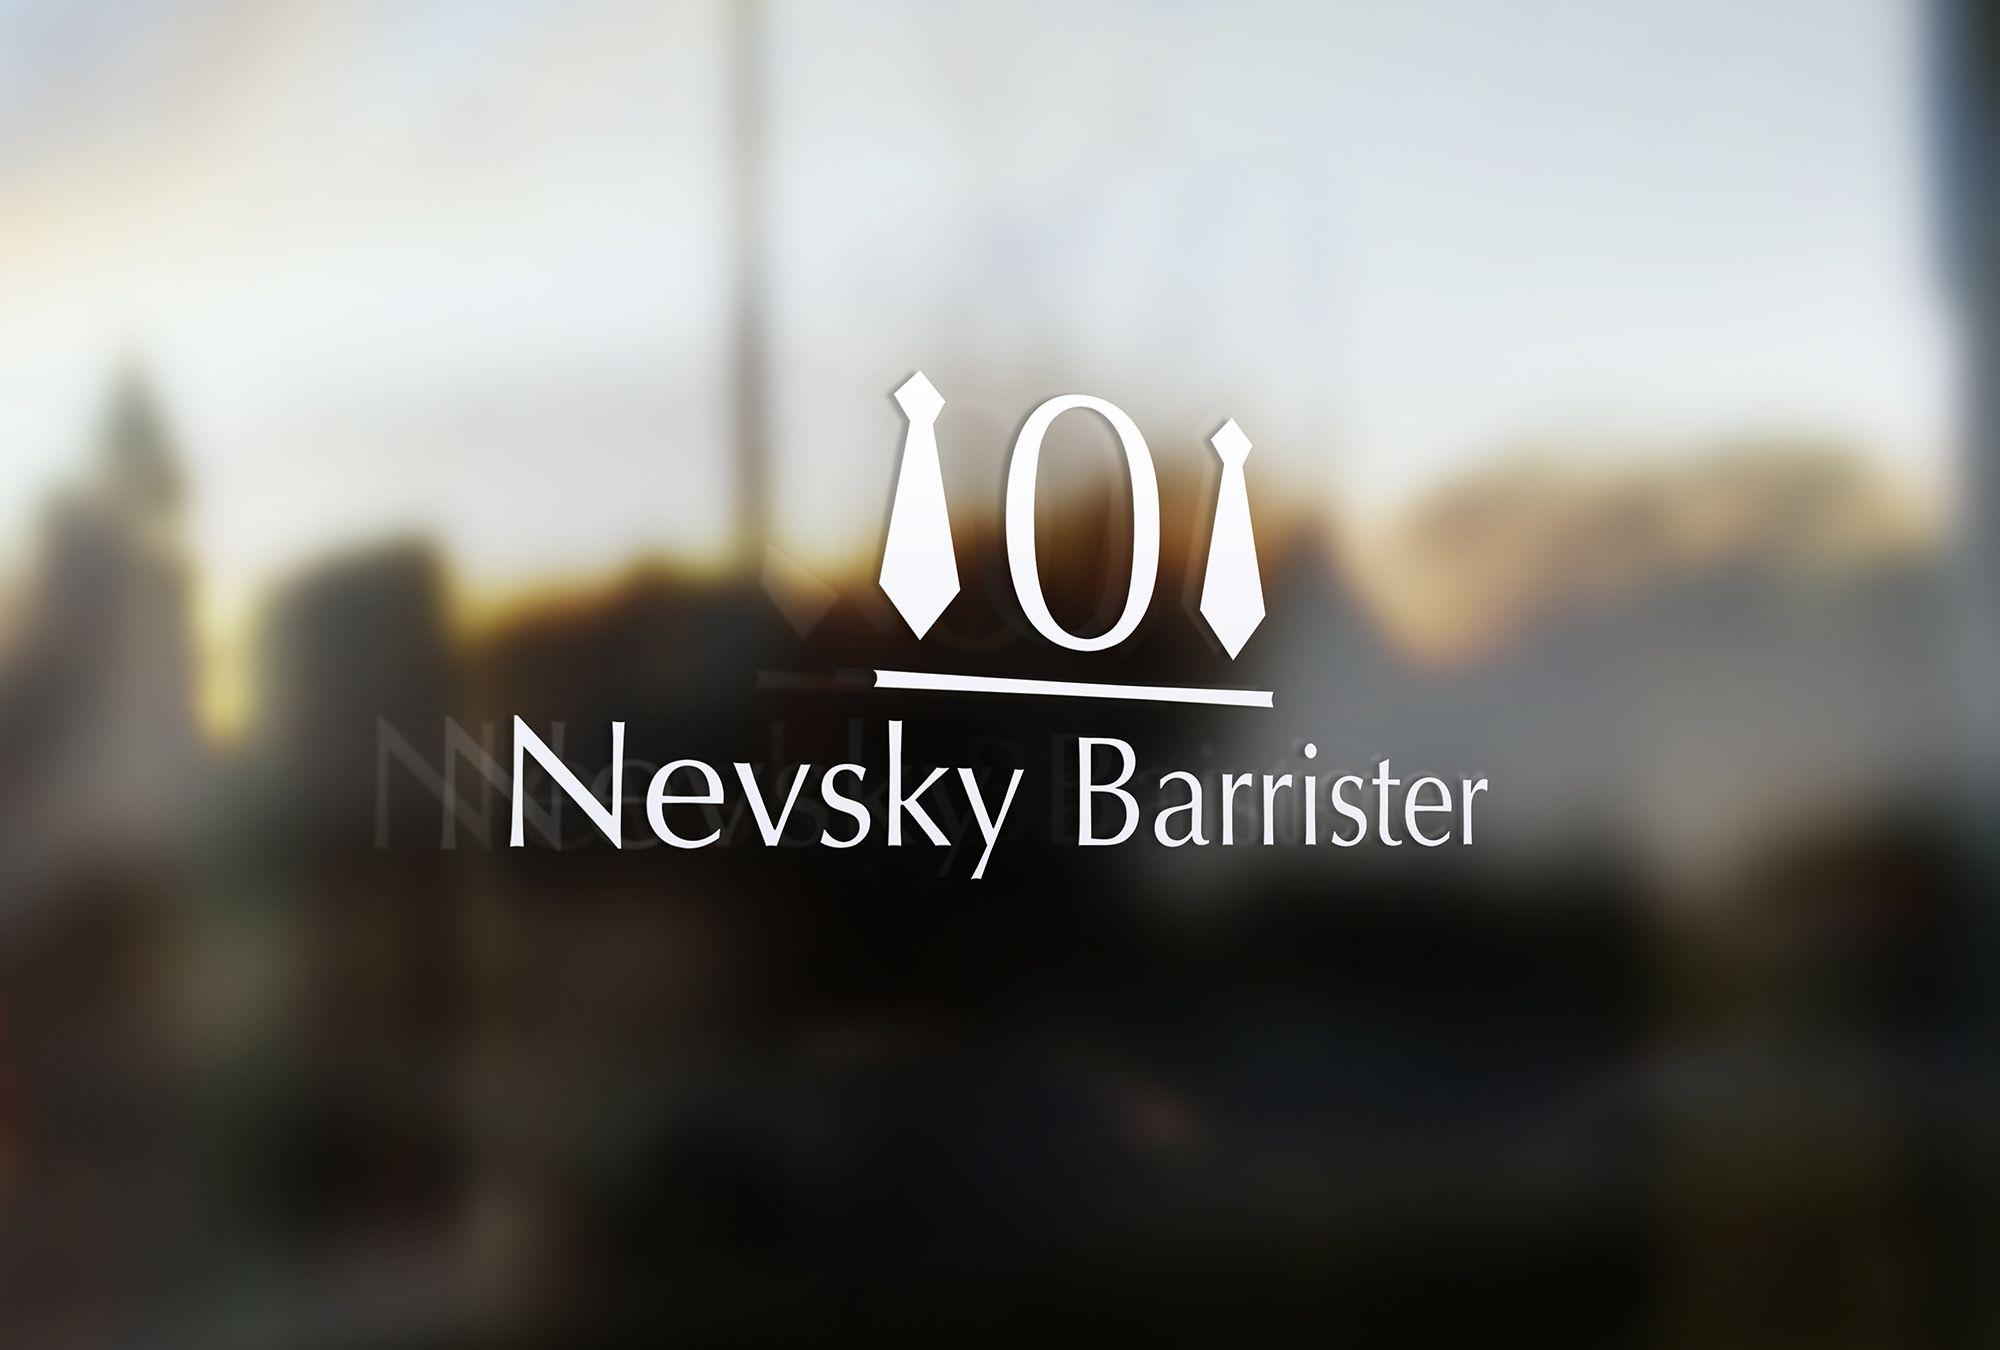 лого и фирменный стиль для адвокатского кабинета - дизайнер trocky18